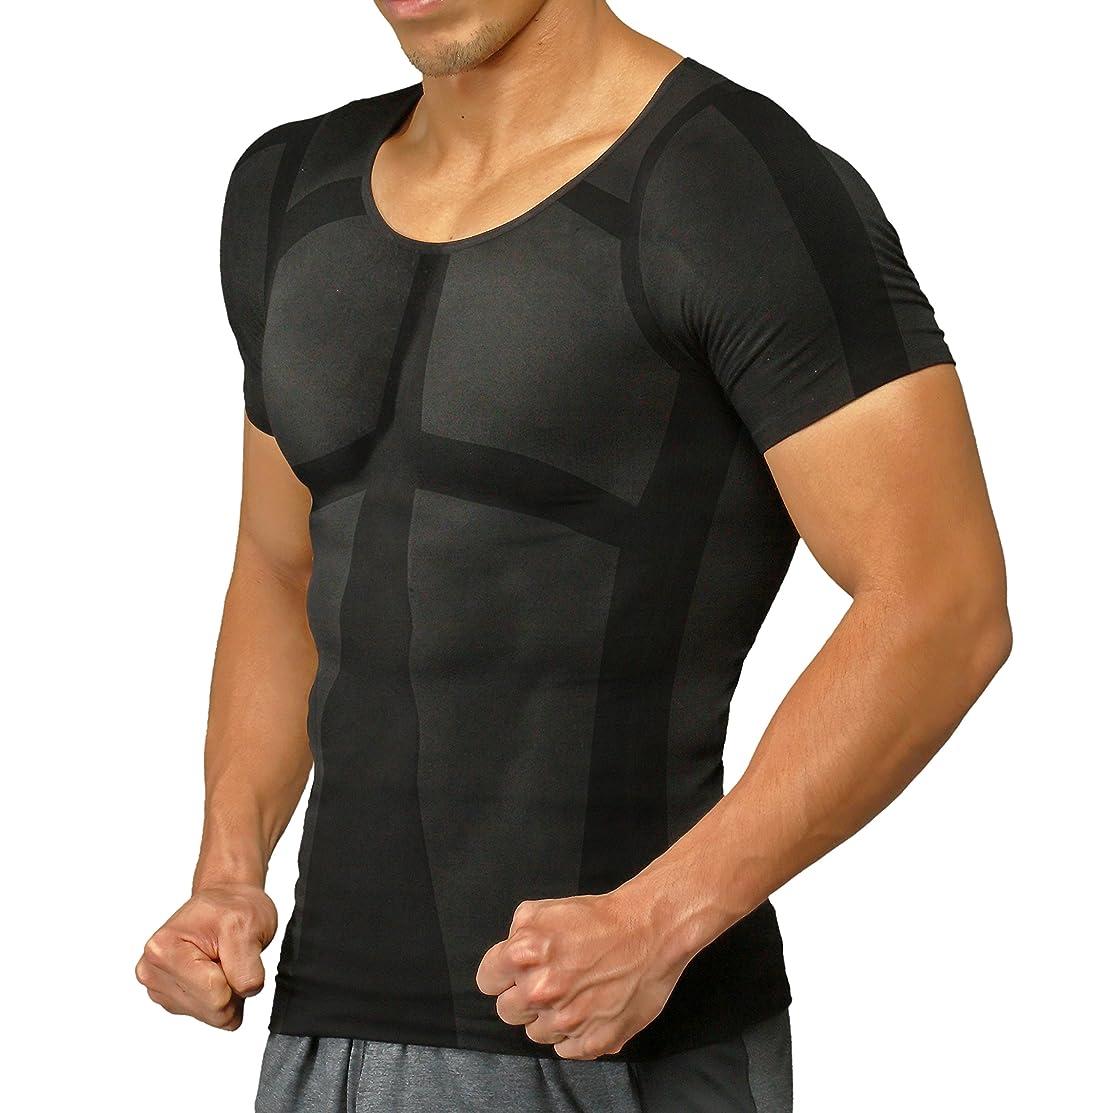 面白い結紮切断する加圧シャツ ヒロミプロデュース パンプマッスルビルダーTシャツ(Lサイズ/ブラック)